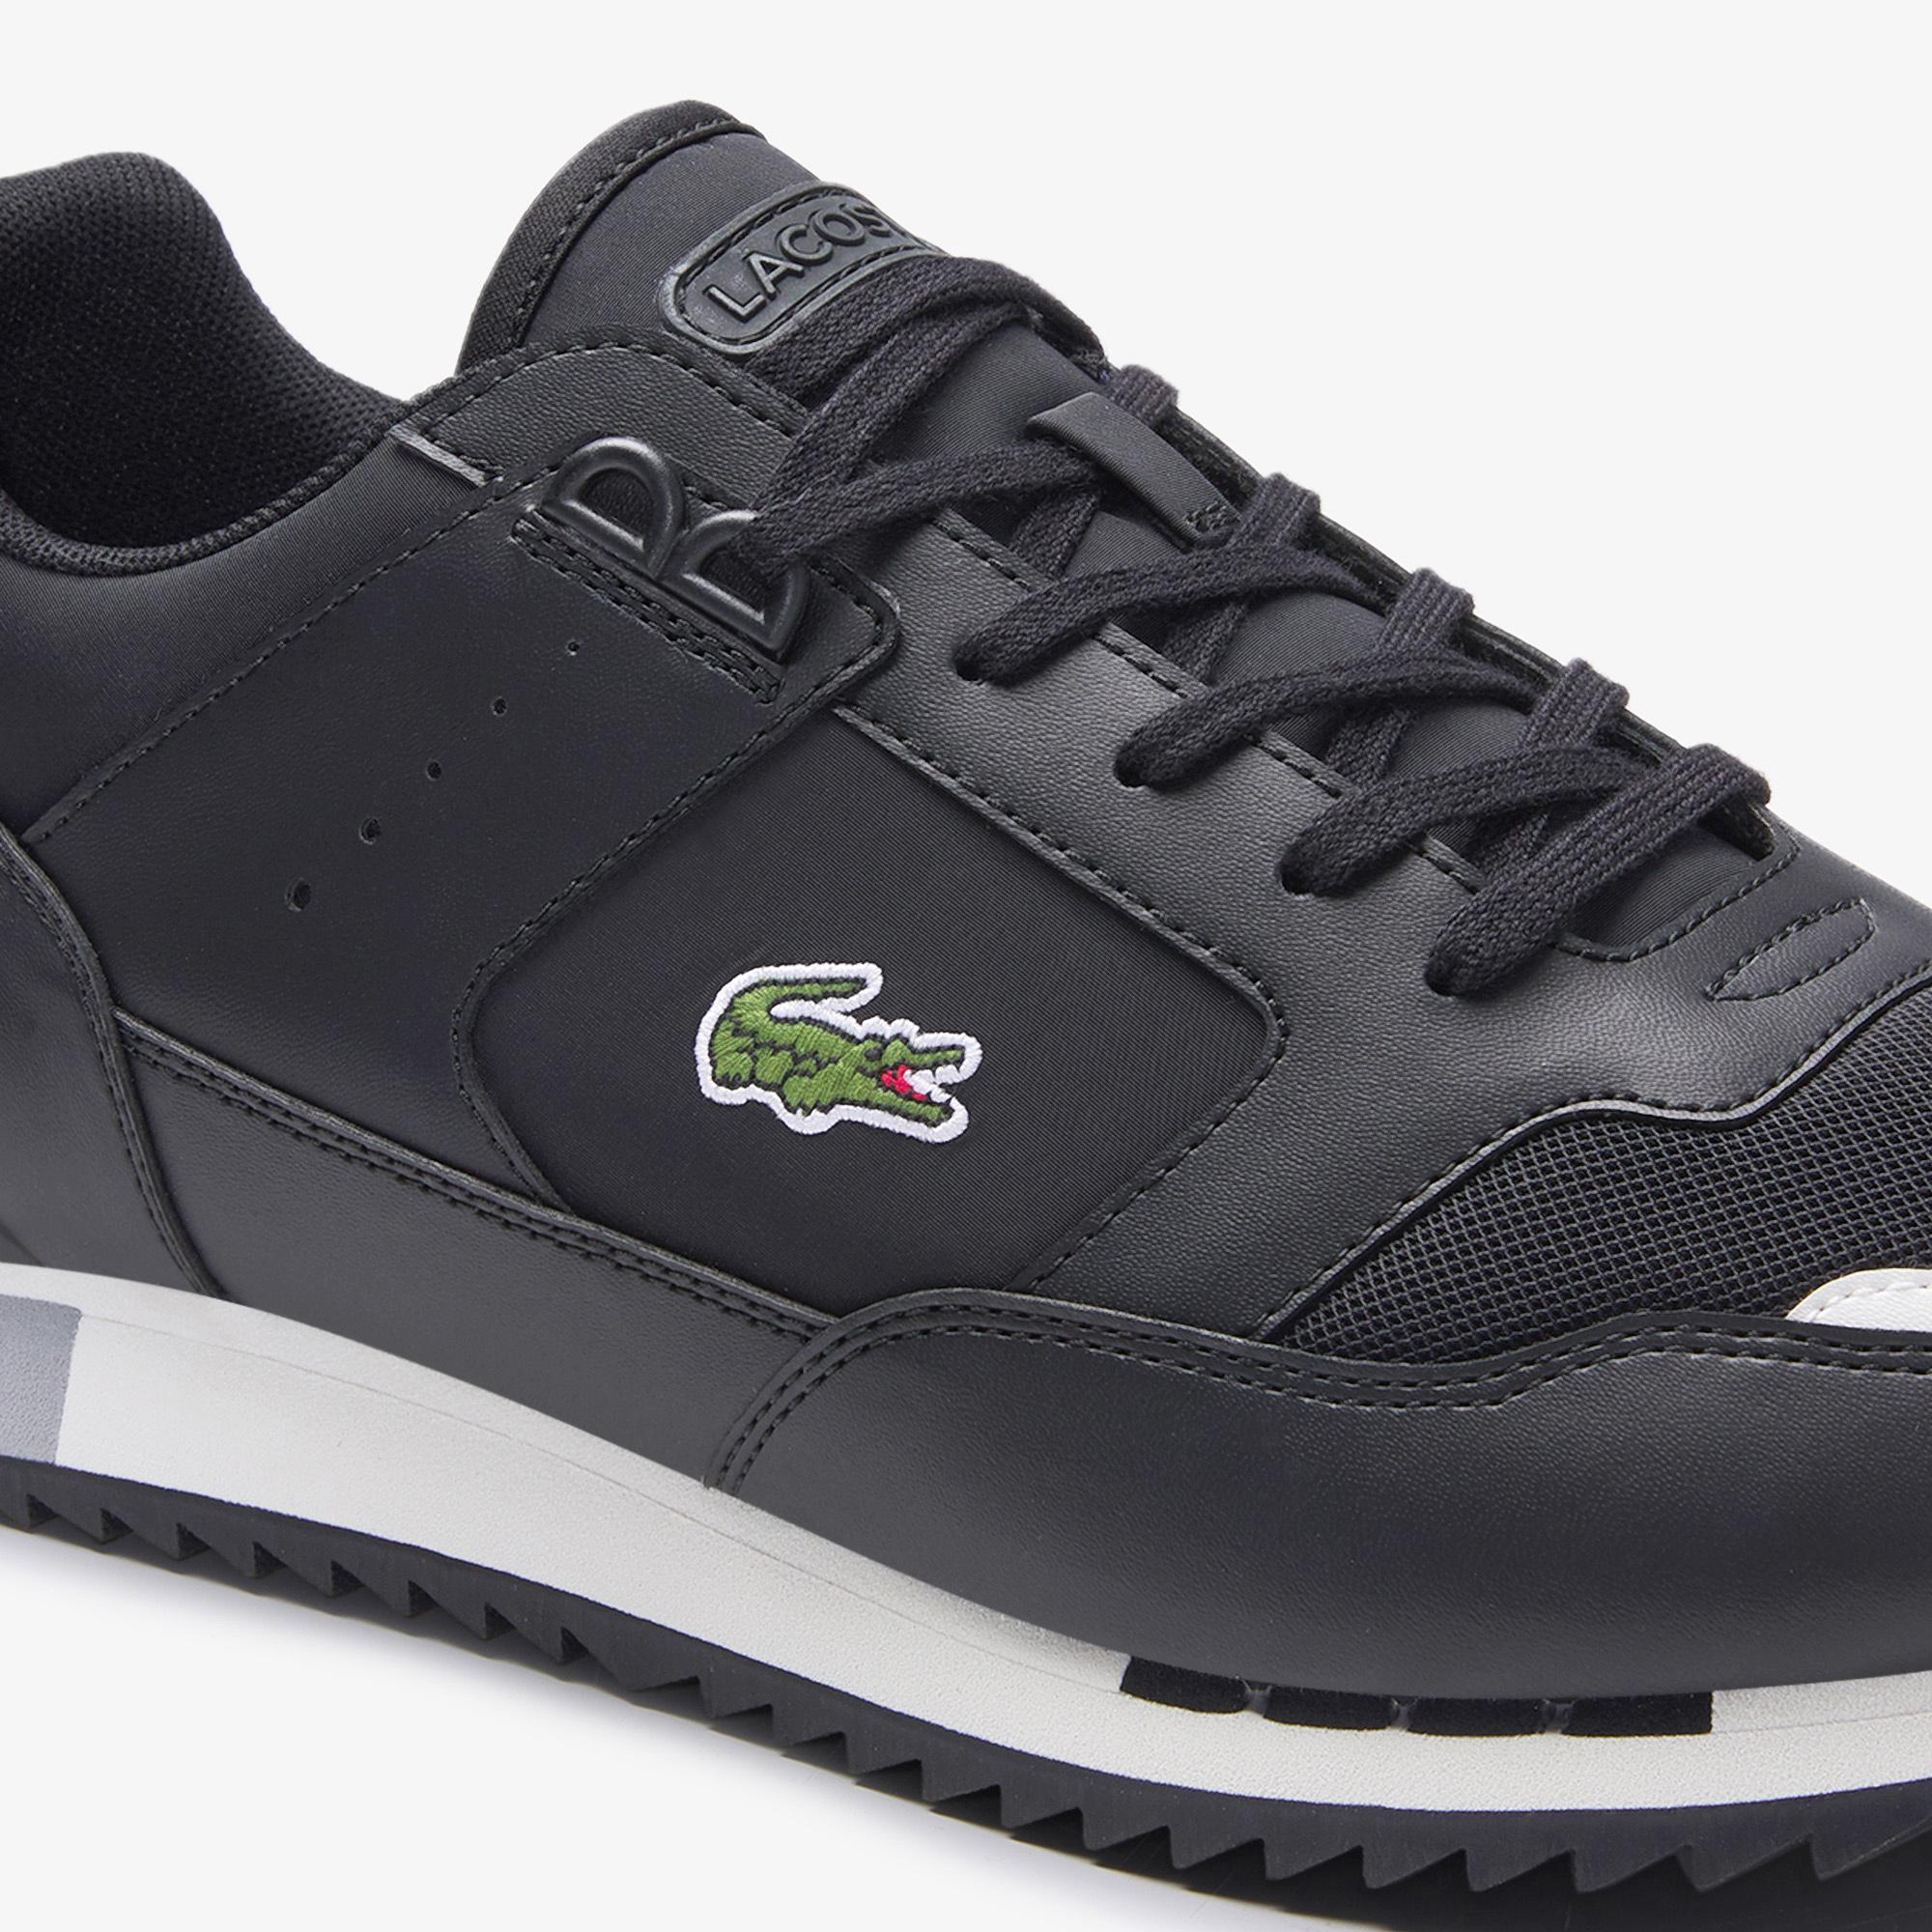 Lacoste Partner Piste 01201 Sma Erkek Siyah - Gri Sneaker